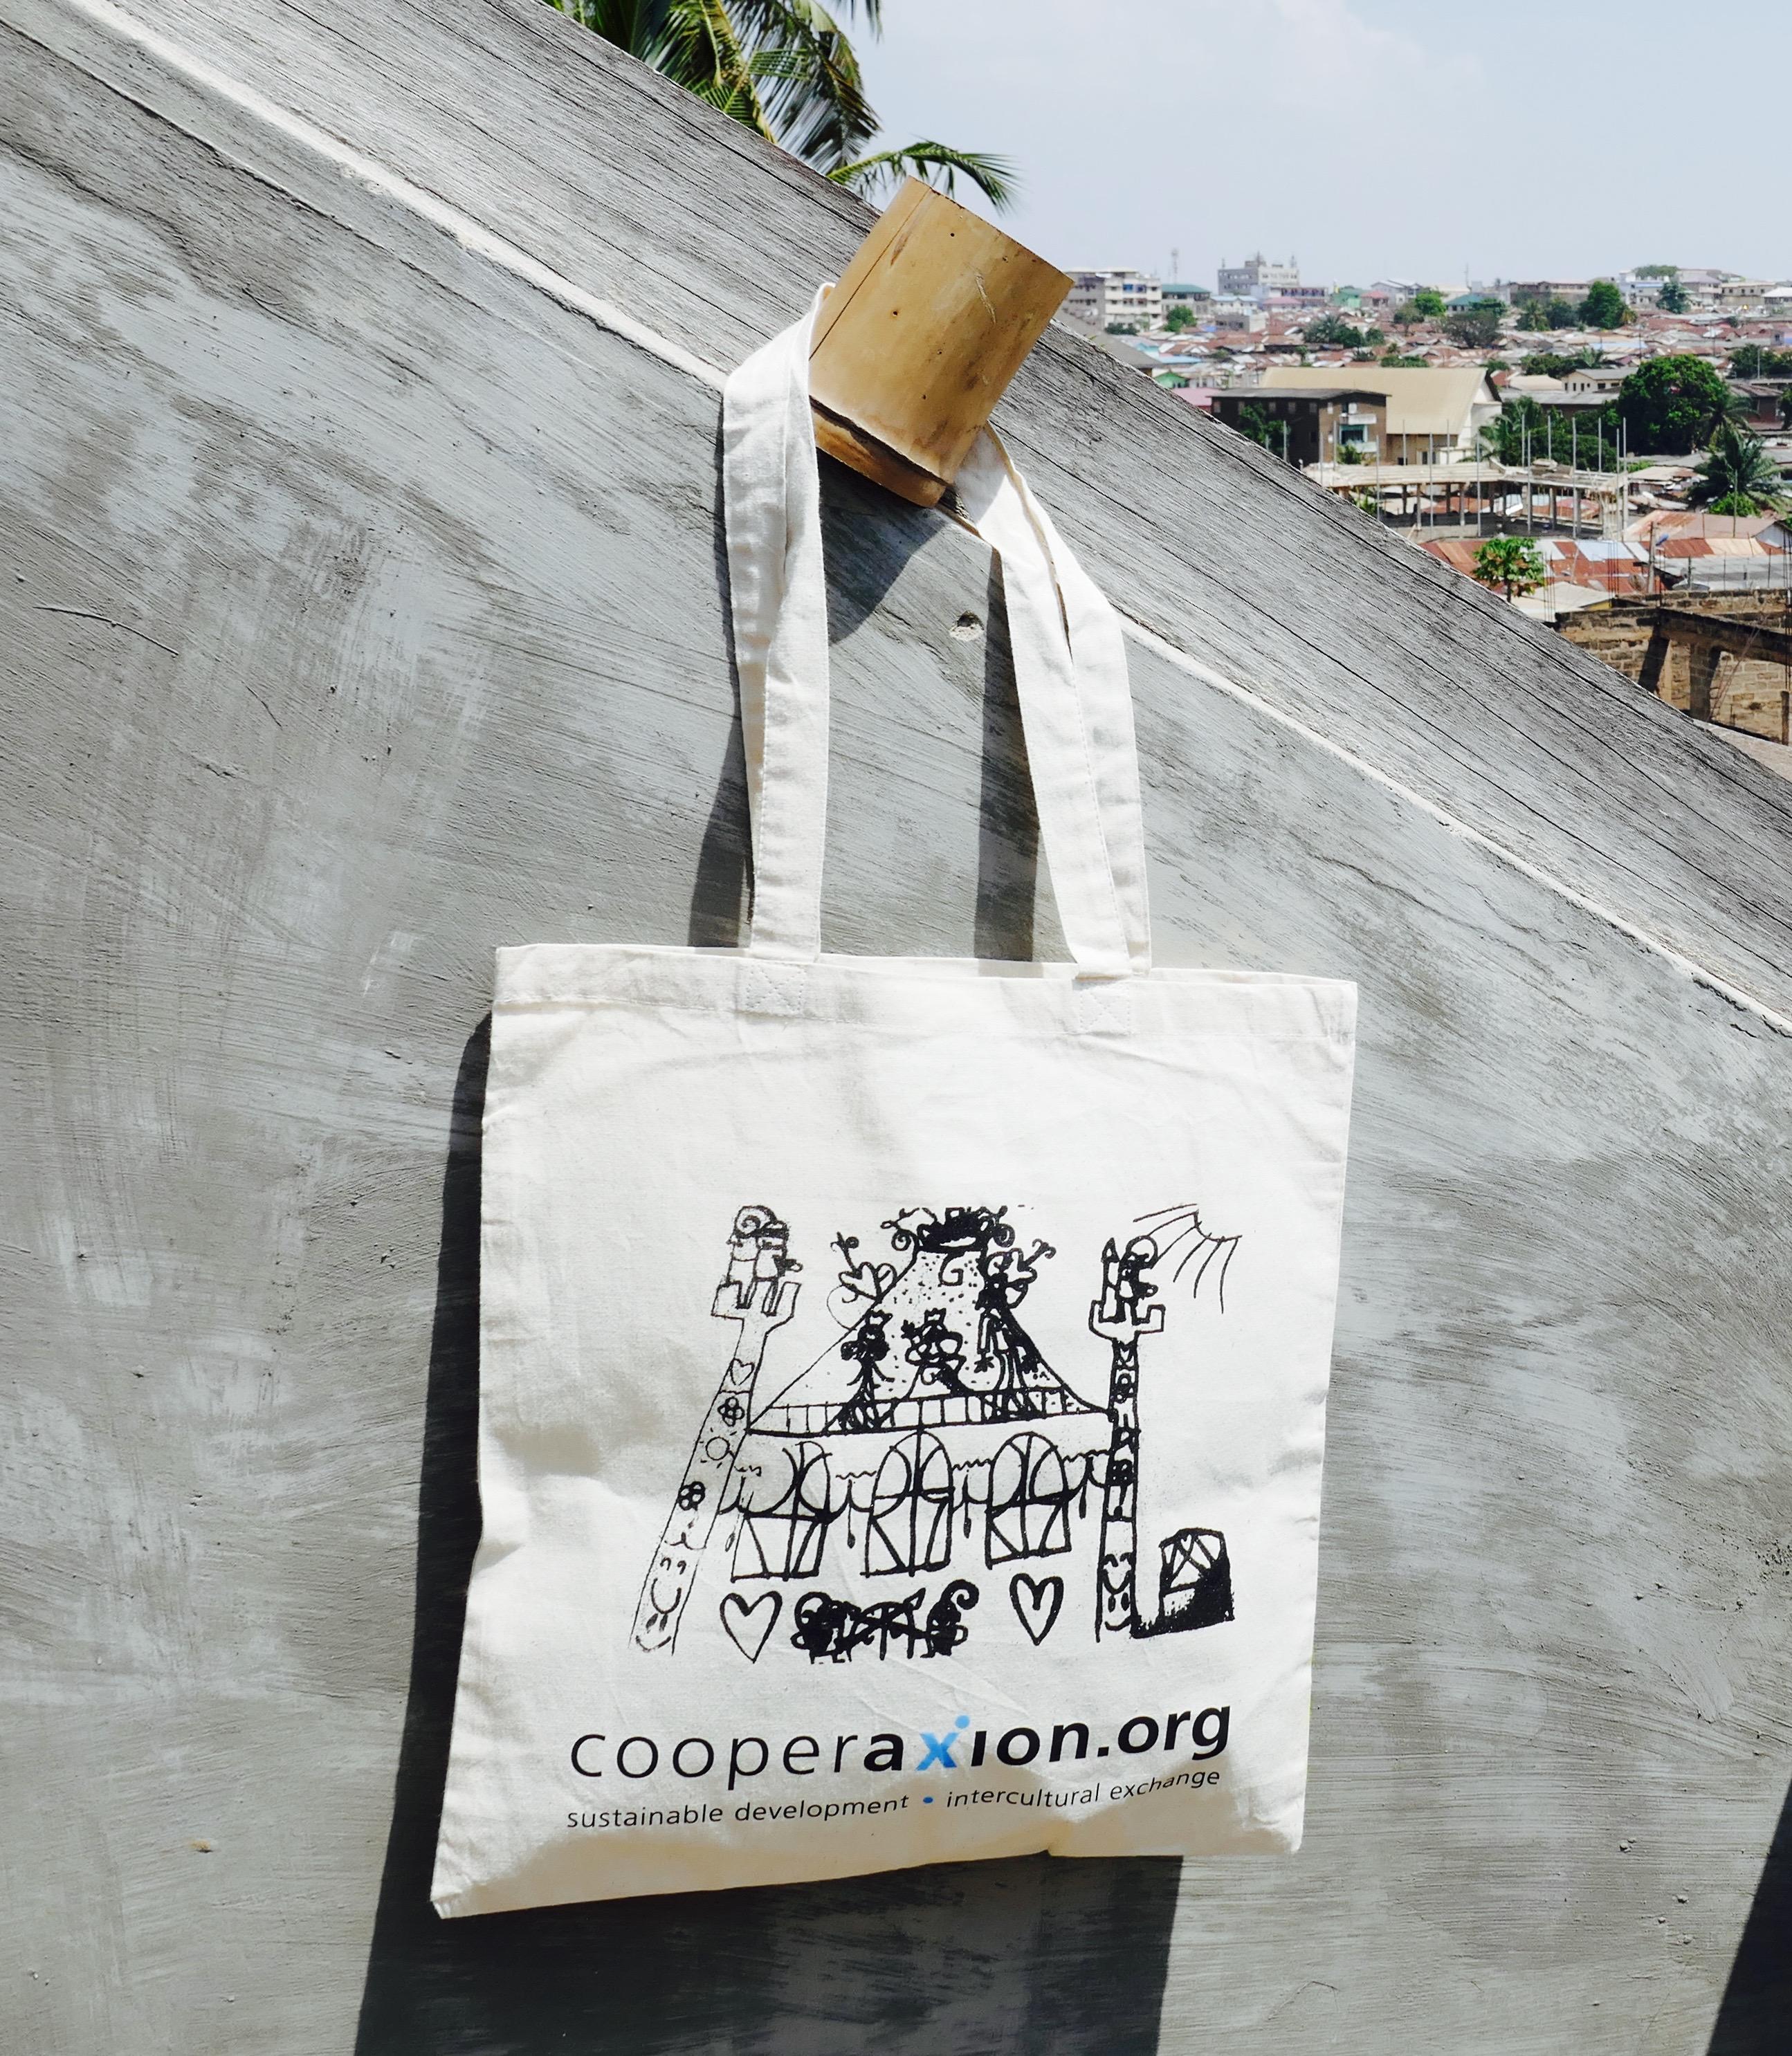 6519a1b93d0d8 Für Cooperaxion haben die Jugendlichen des «Kick for Your Future»-Projektes  im liberianischen Monrovia eigens bunte Taschen entworfen und genäht